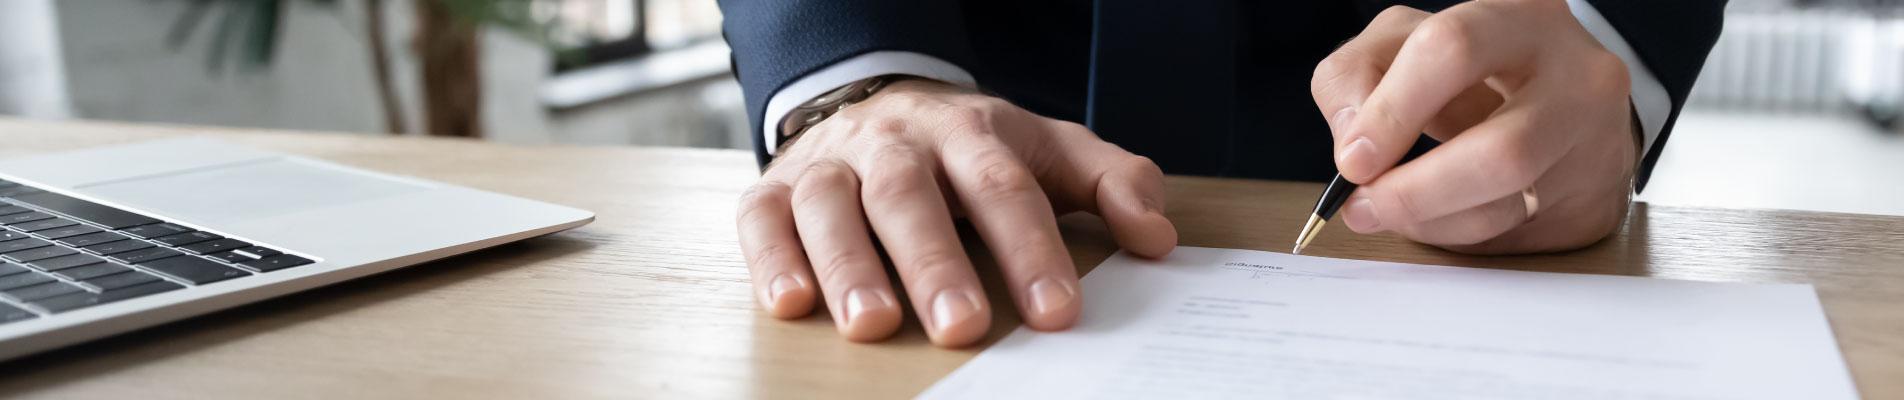 Garanzia appalti pubblici: come risparmiare con le certificazioni aziendali